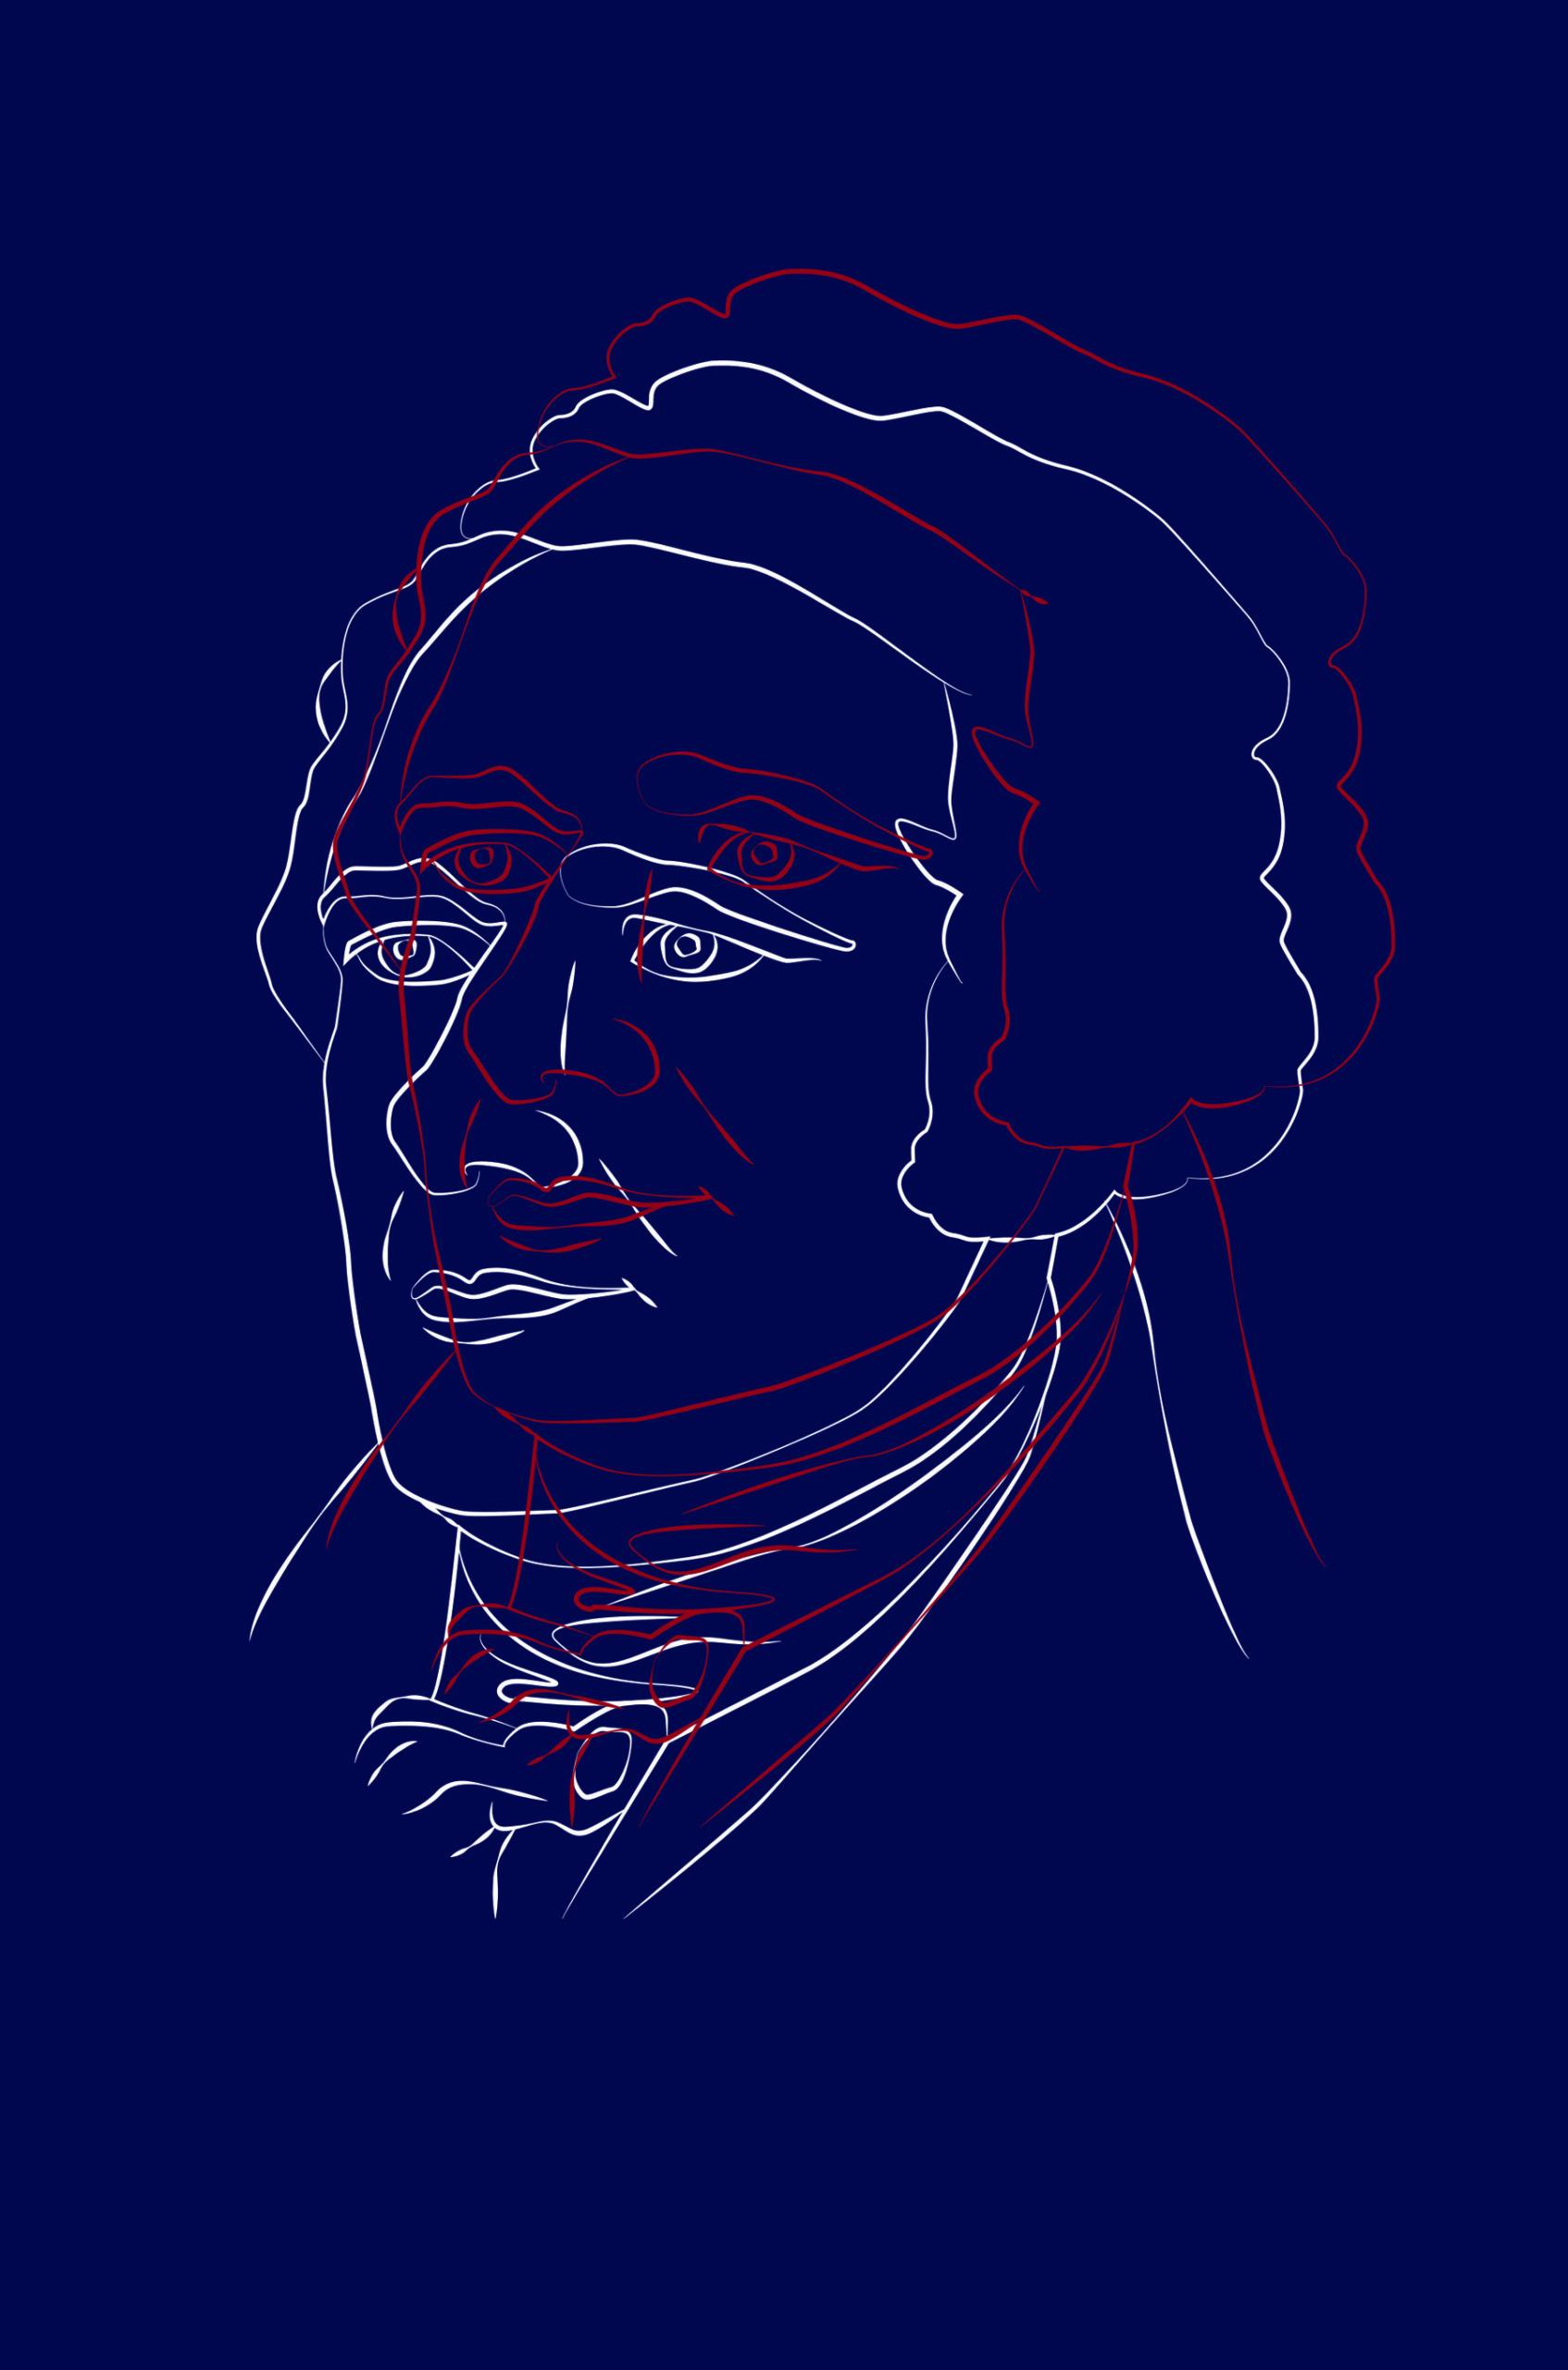 Alexander Hamilton | A biografia do pai fundador mais inspirador e polêmico da história americana